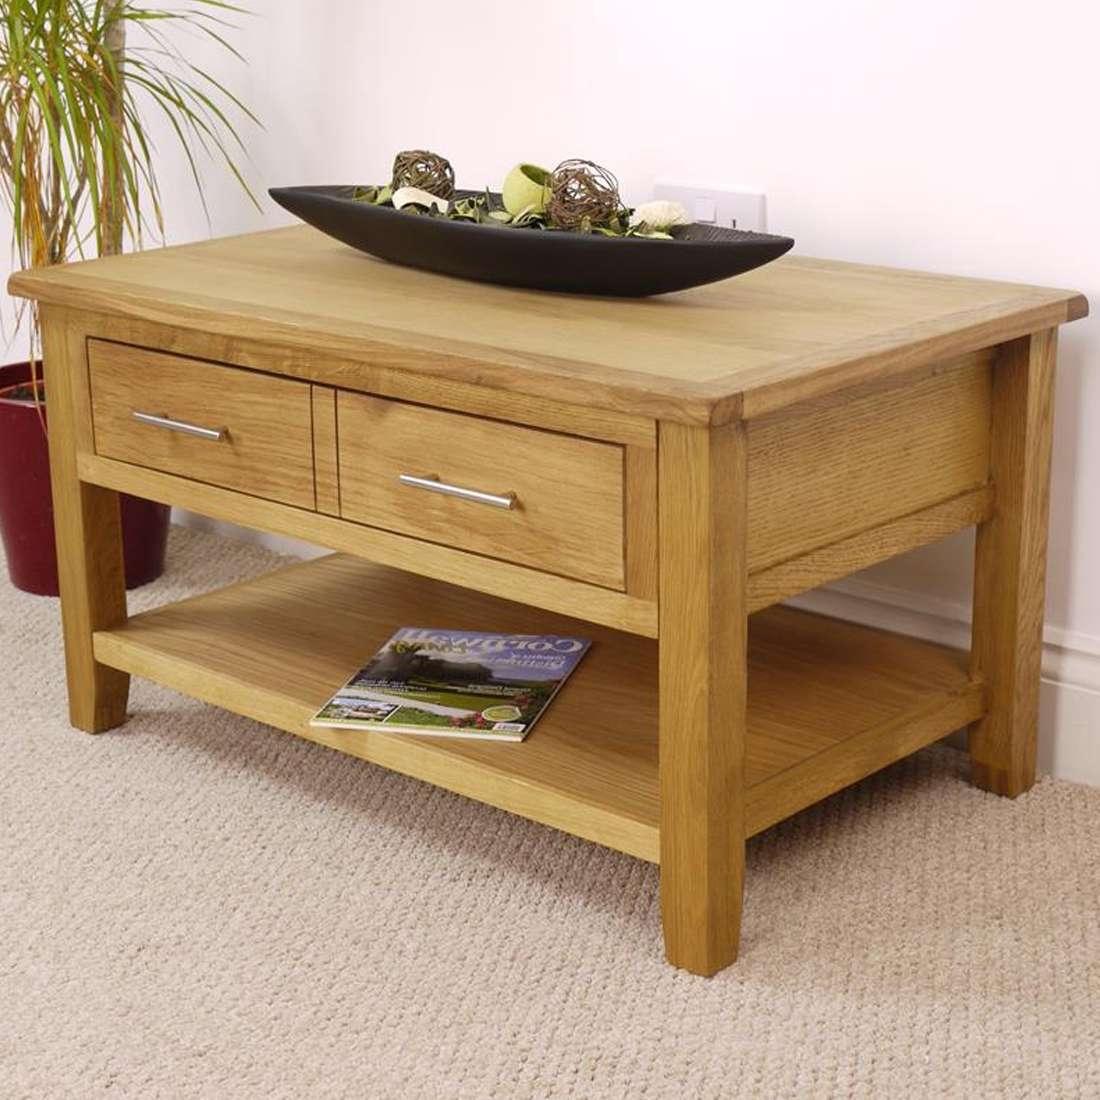 Nebraska Modern Oak Coffee Table With 1 Large Drawer & Shelf For 2018 Oak Coffee Table With Shelf (View 5 of 20)